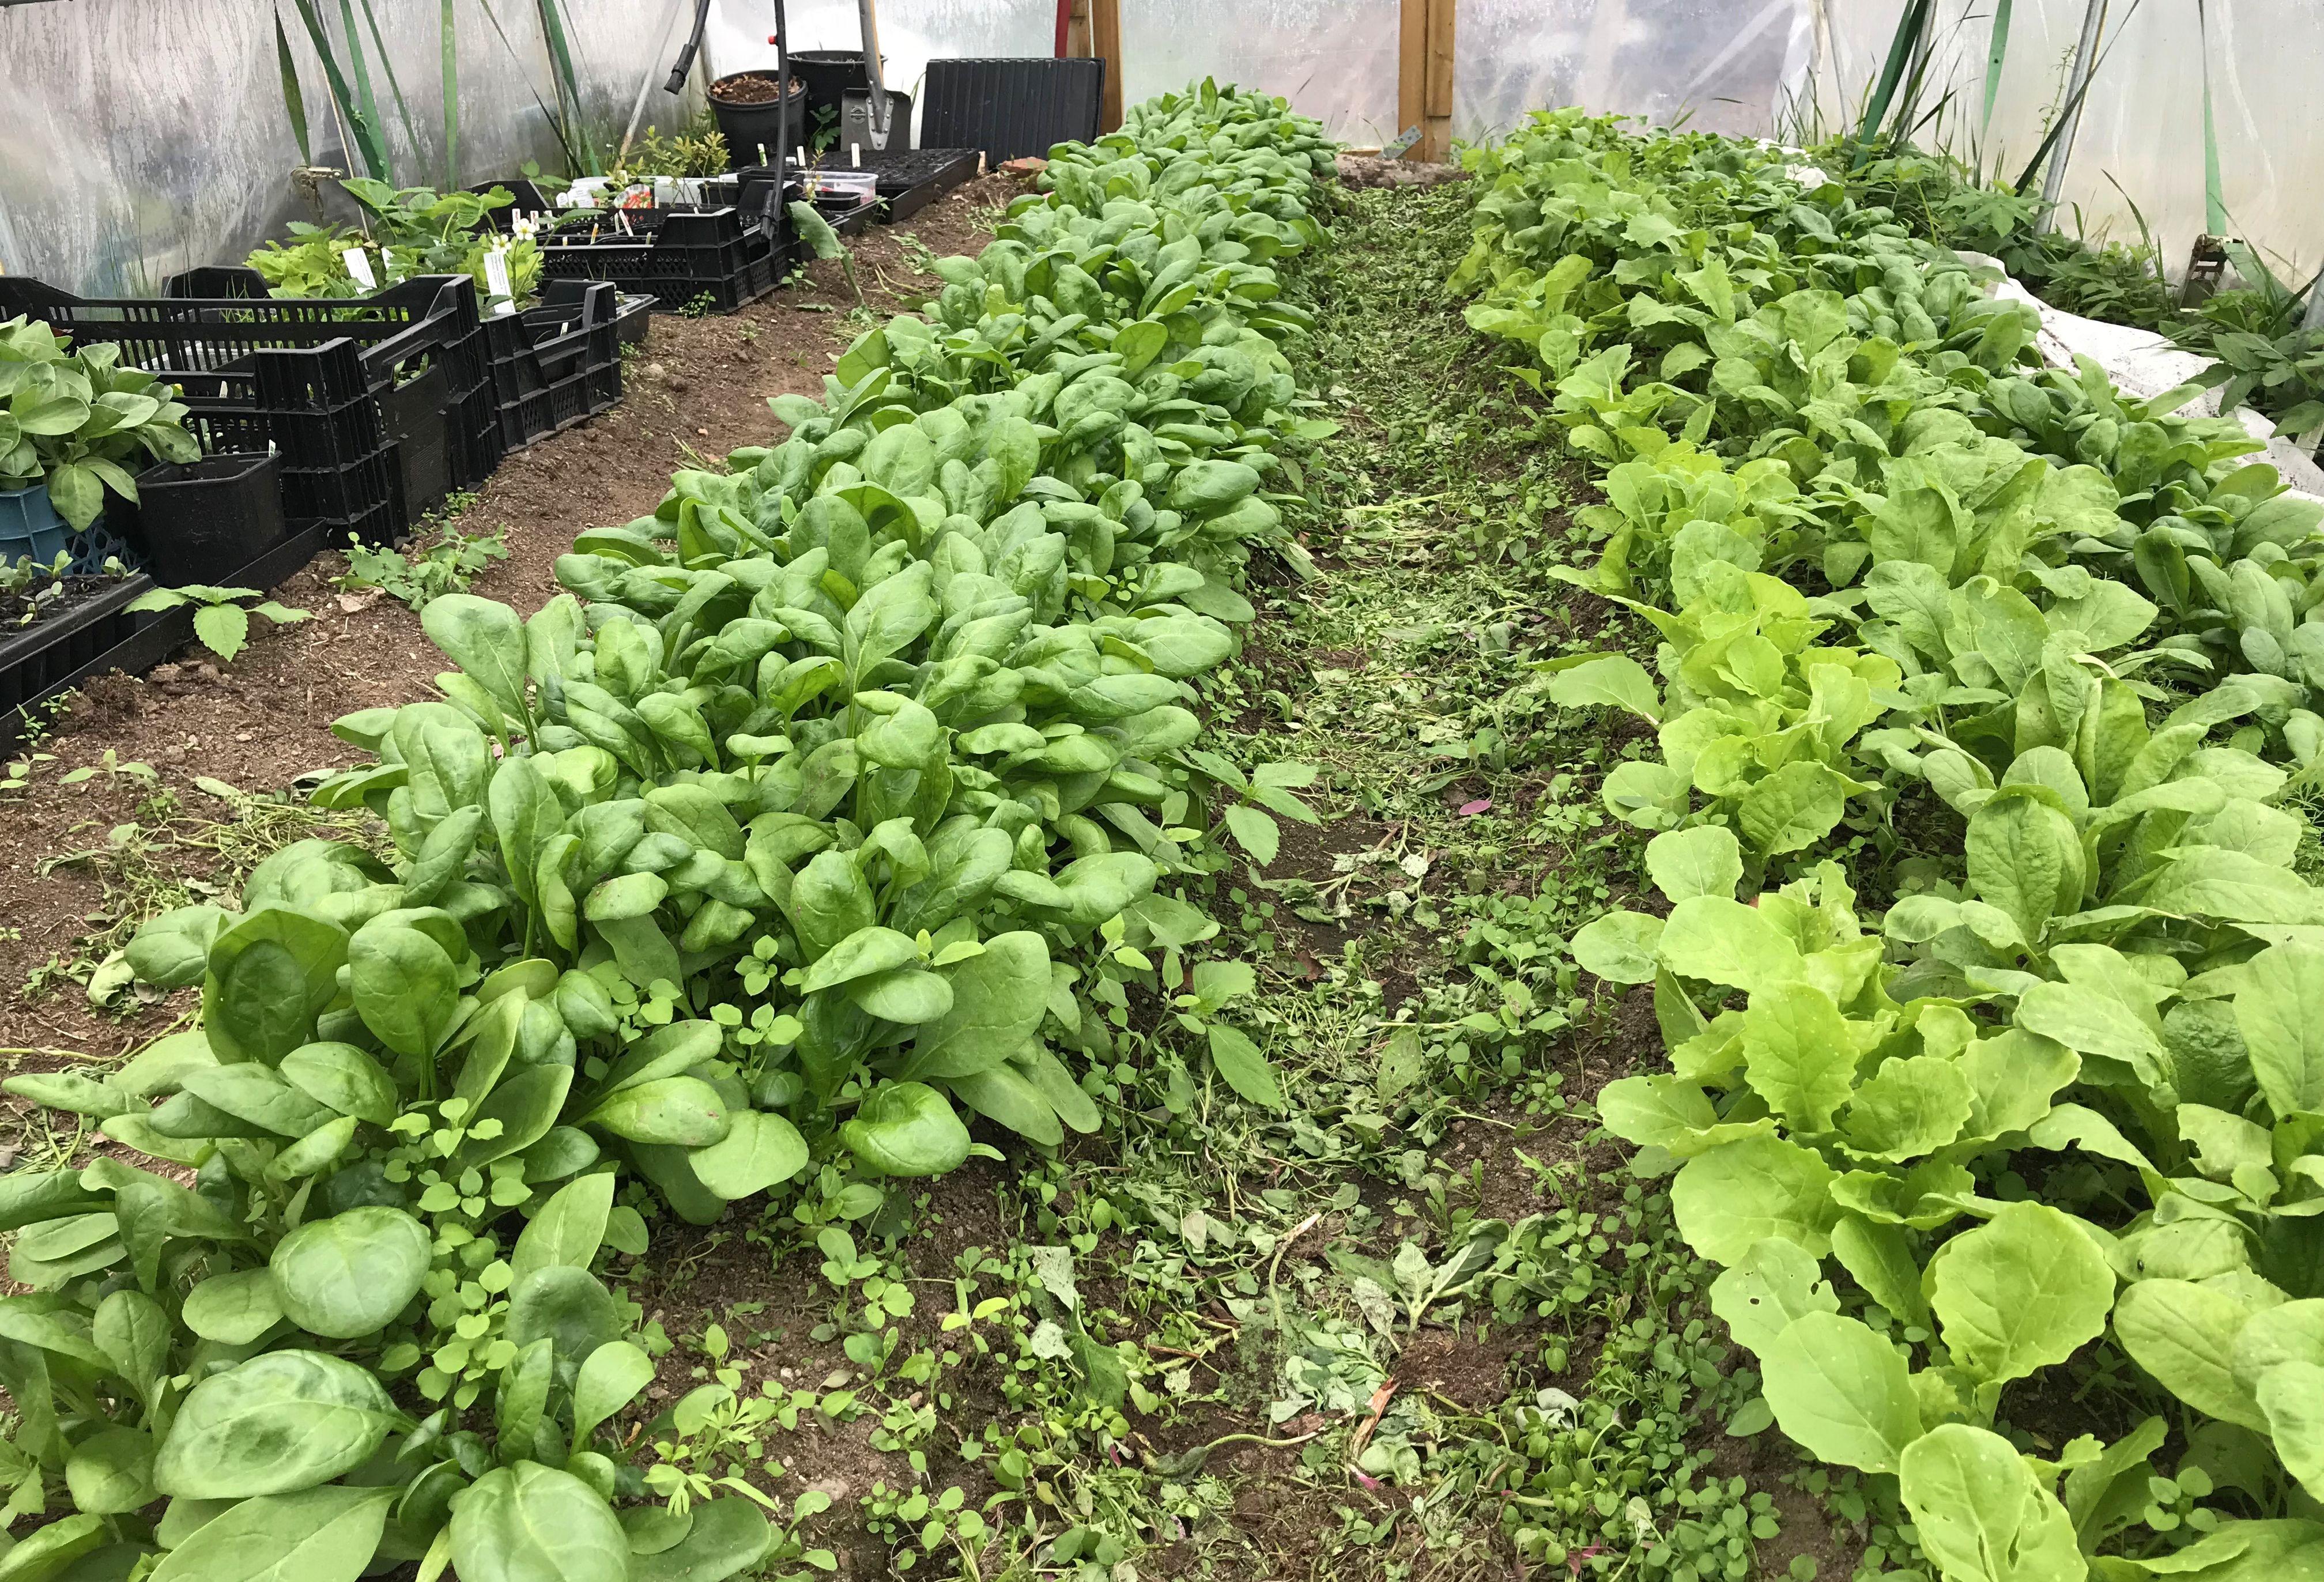 Täta mattor av röna blad i långa rader. Leafy greens in long rows.